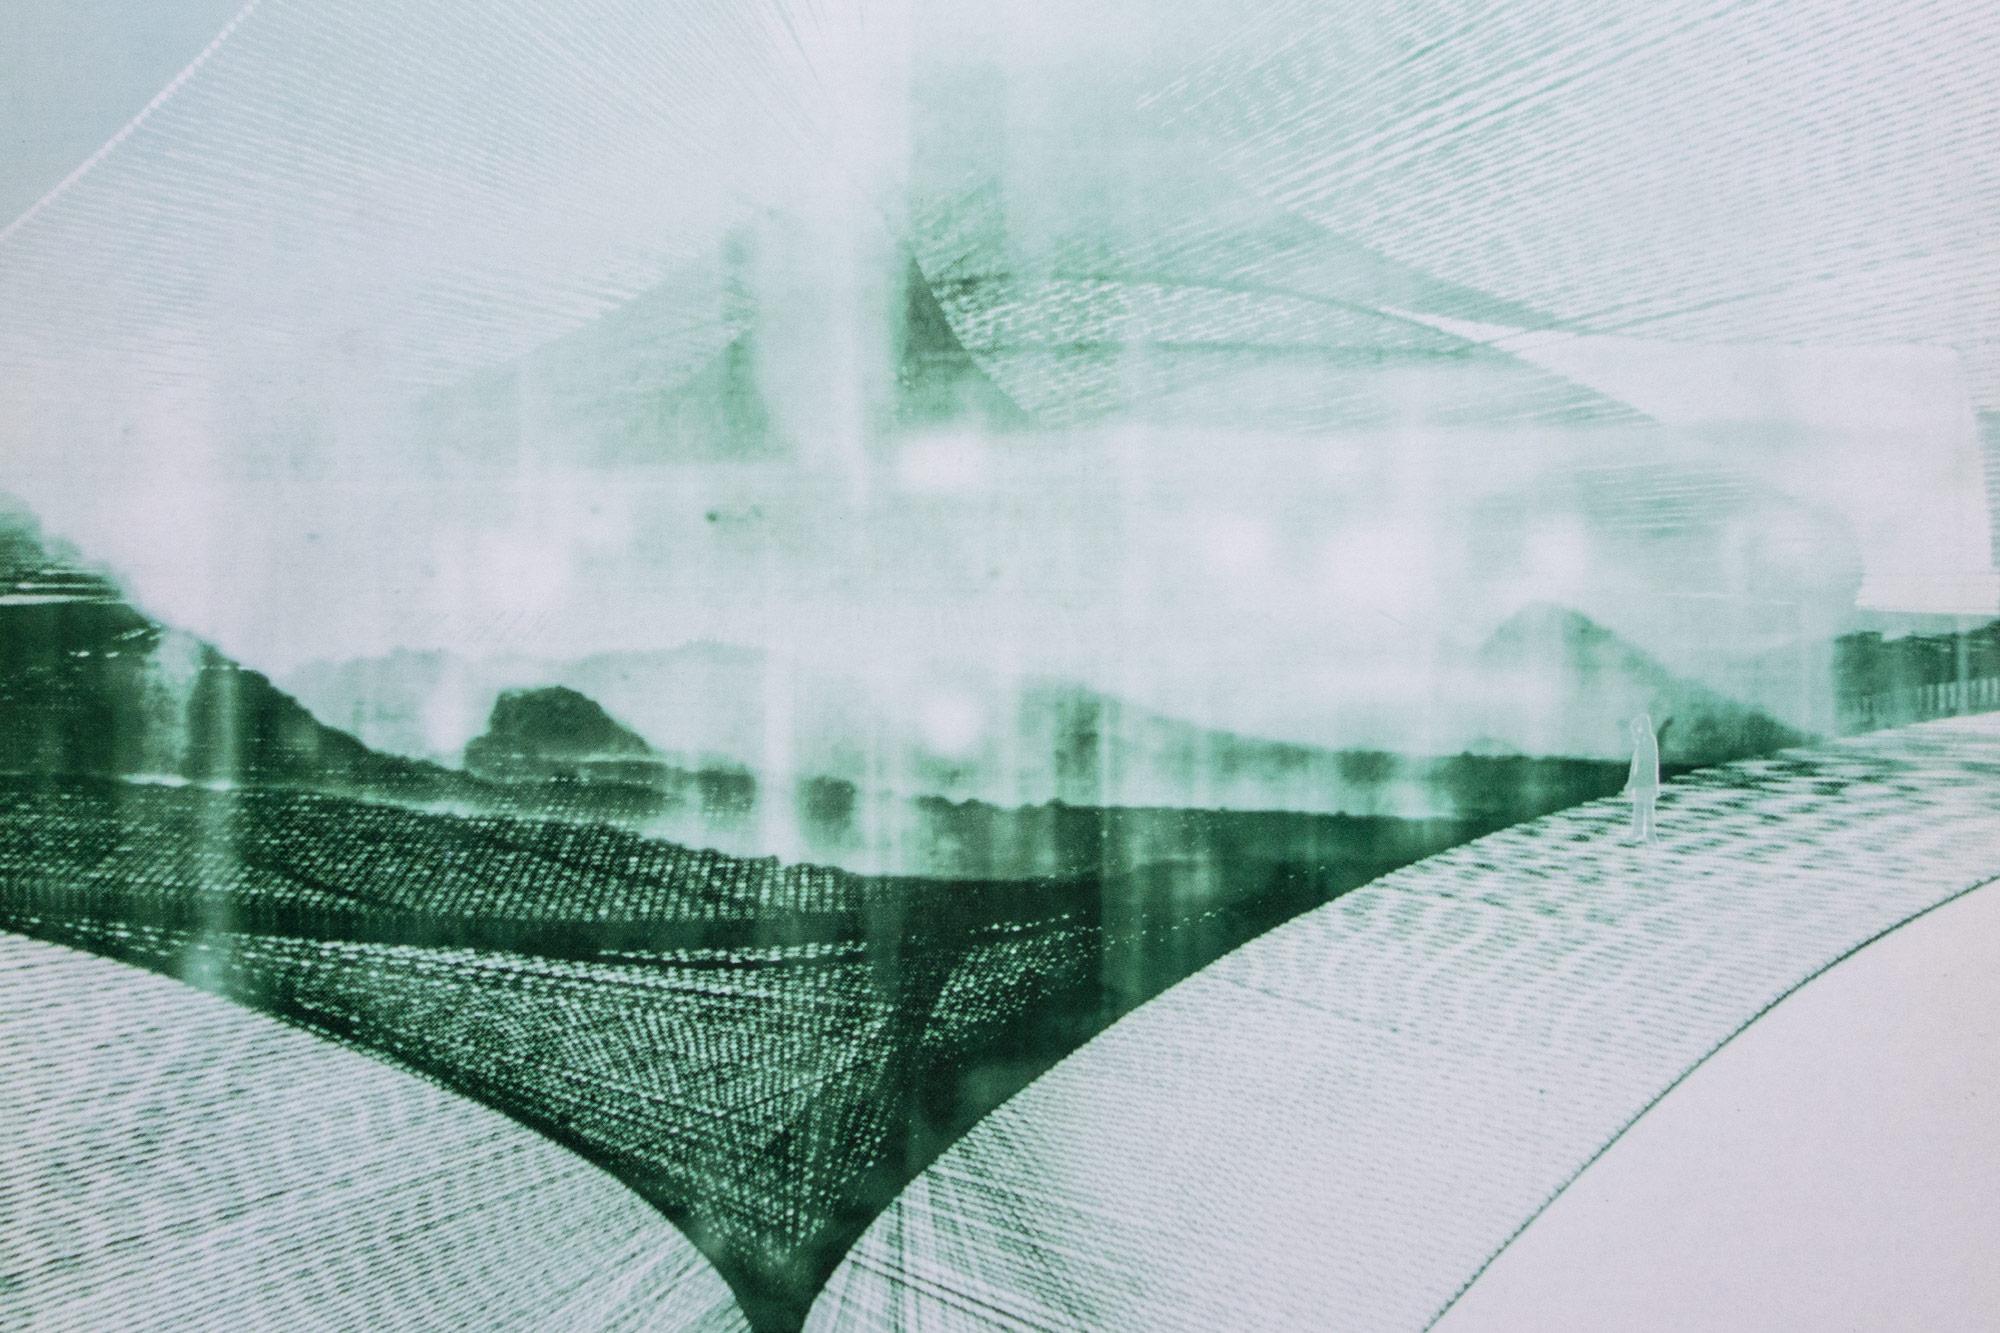 gareth-paul-jones-studio-design-looking-good-records-12-covers-cs-11-LGR026-Inner